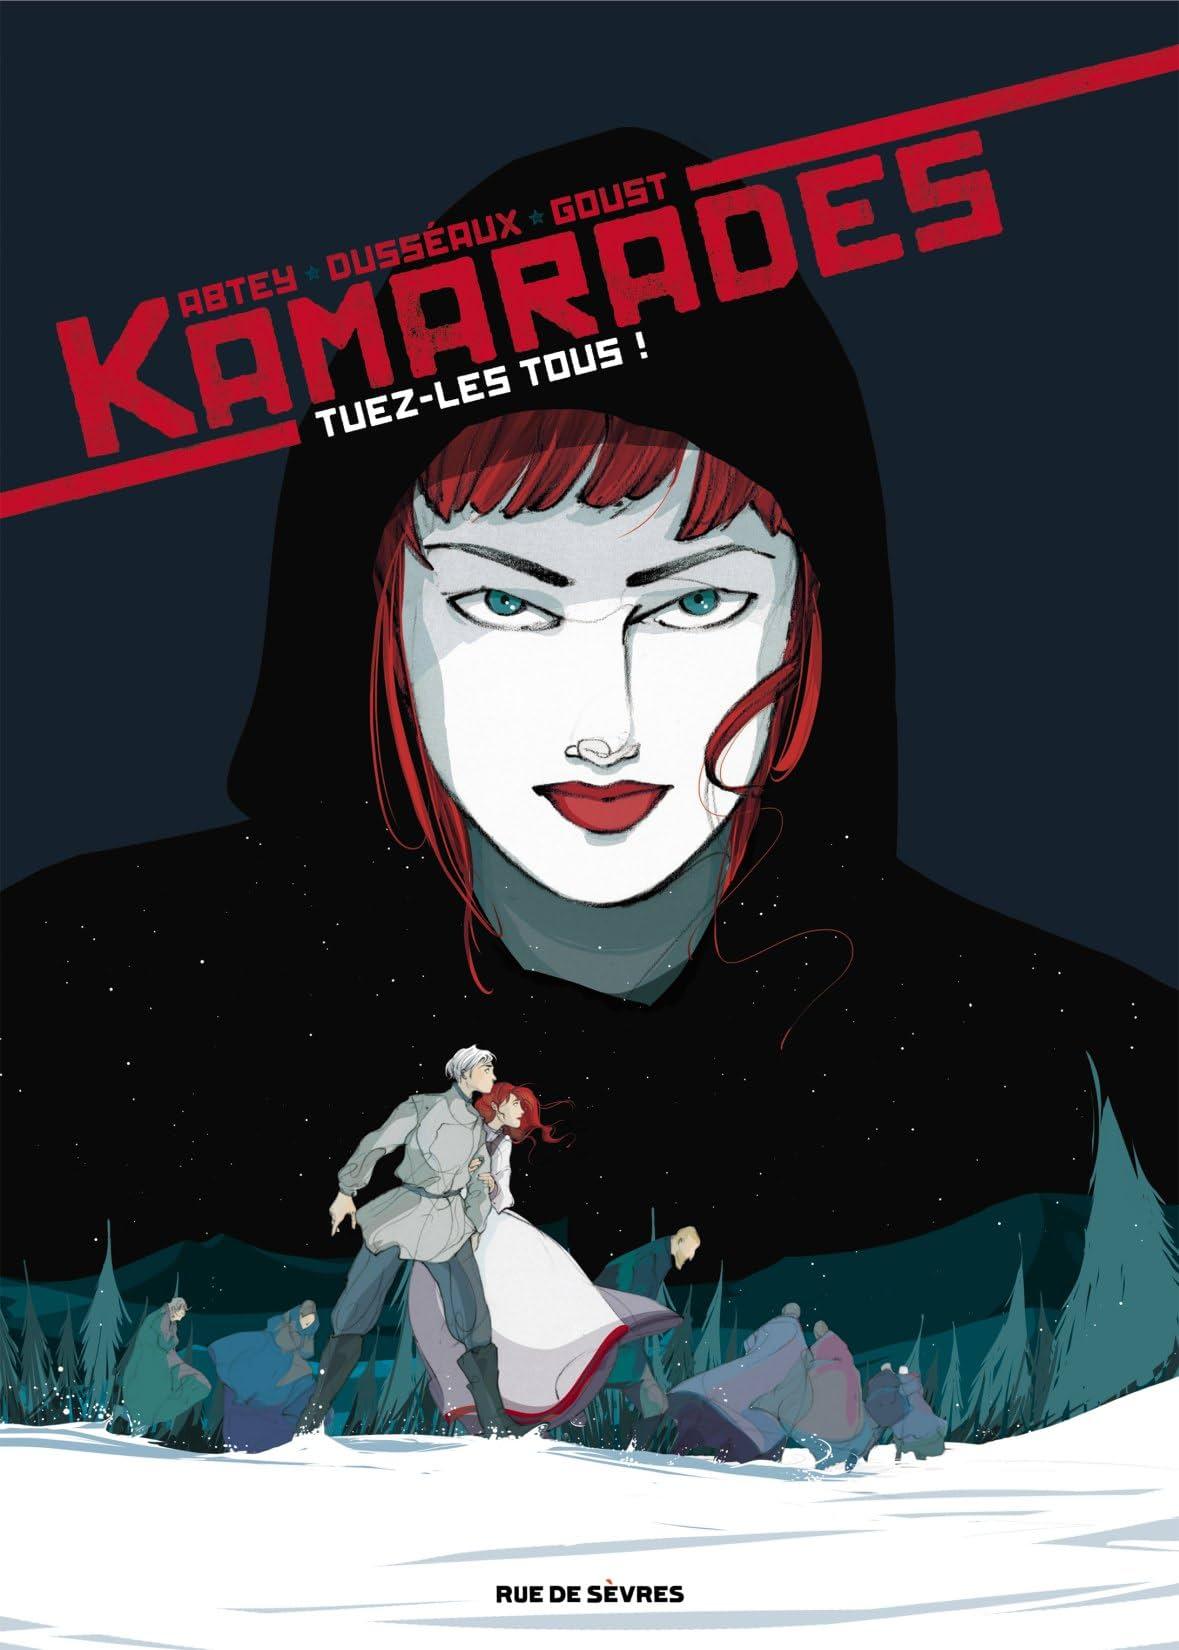 Kamarades Tome 2: Tuez-les tous